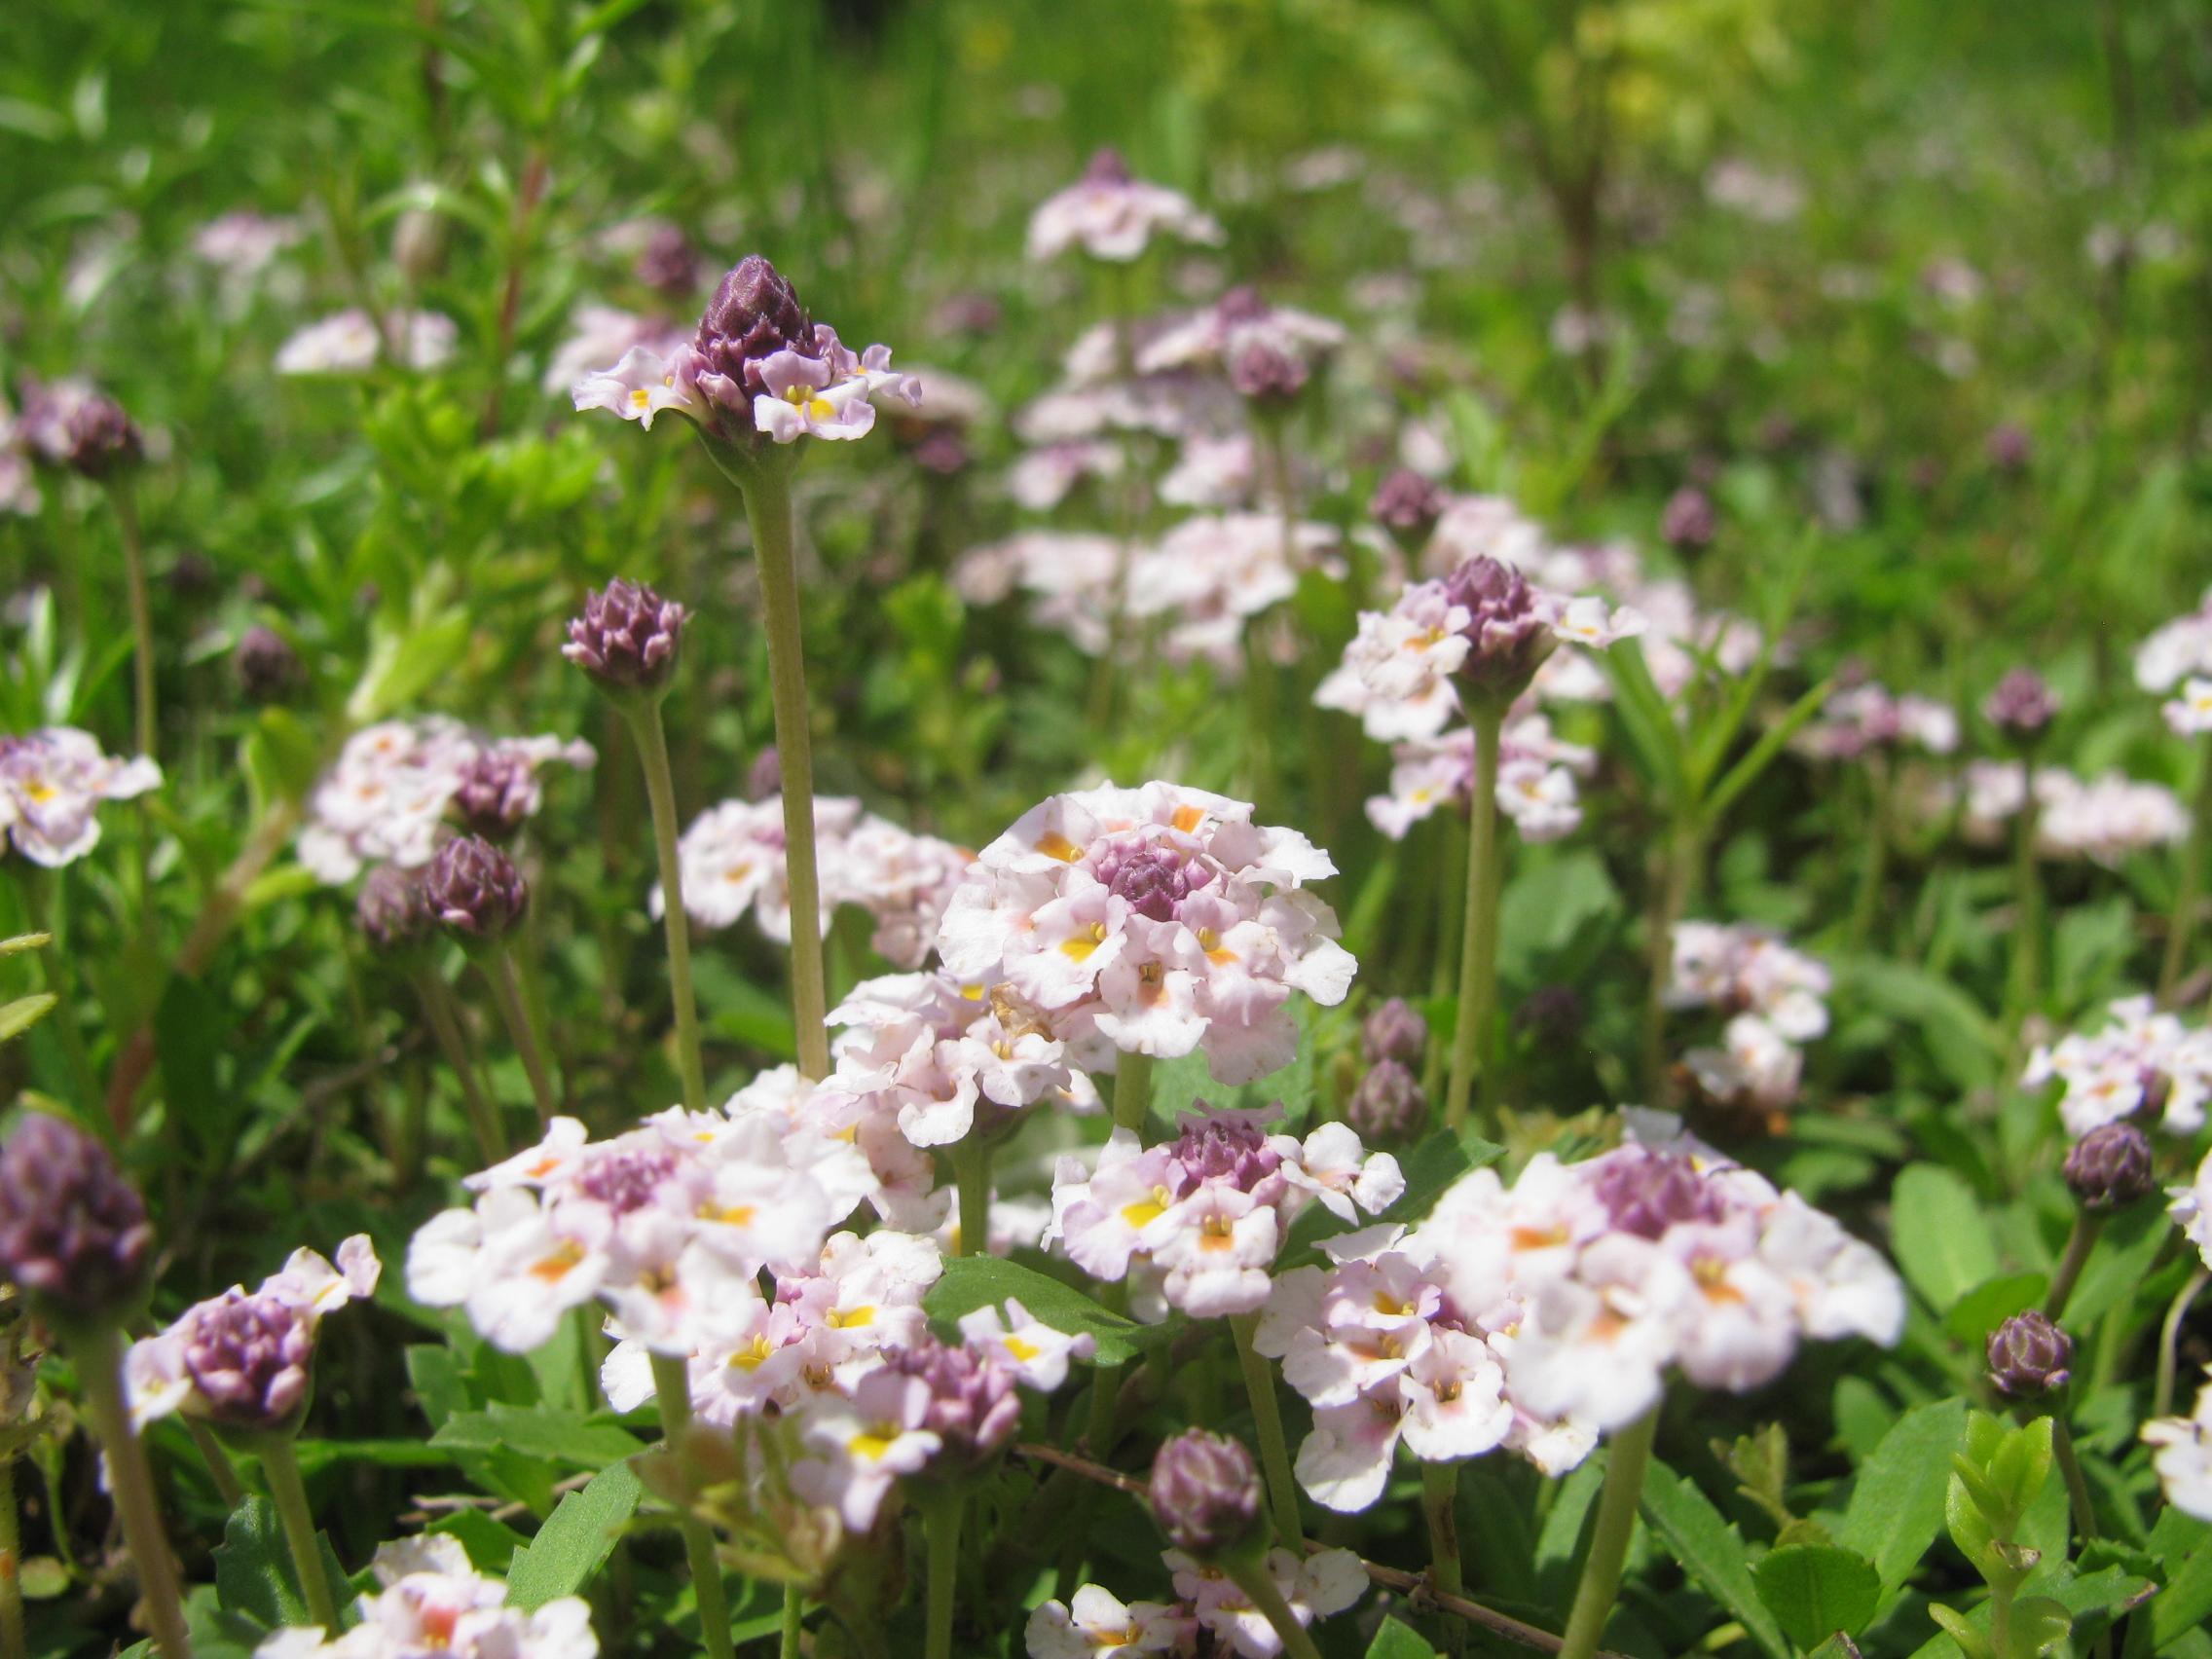 花は初夏の色に変わりました